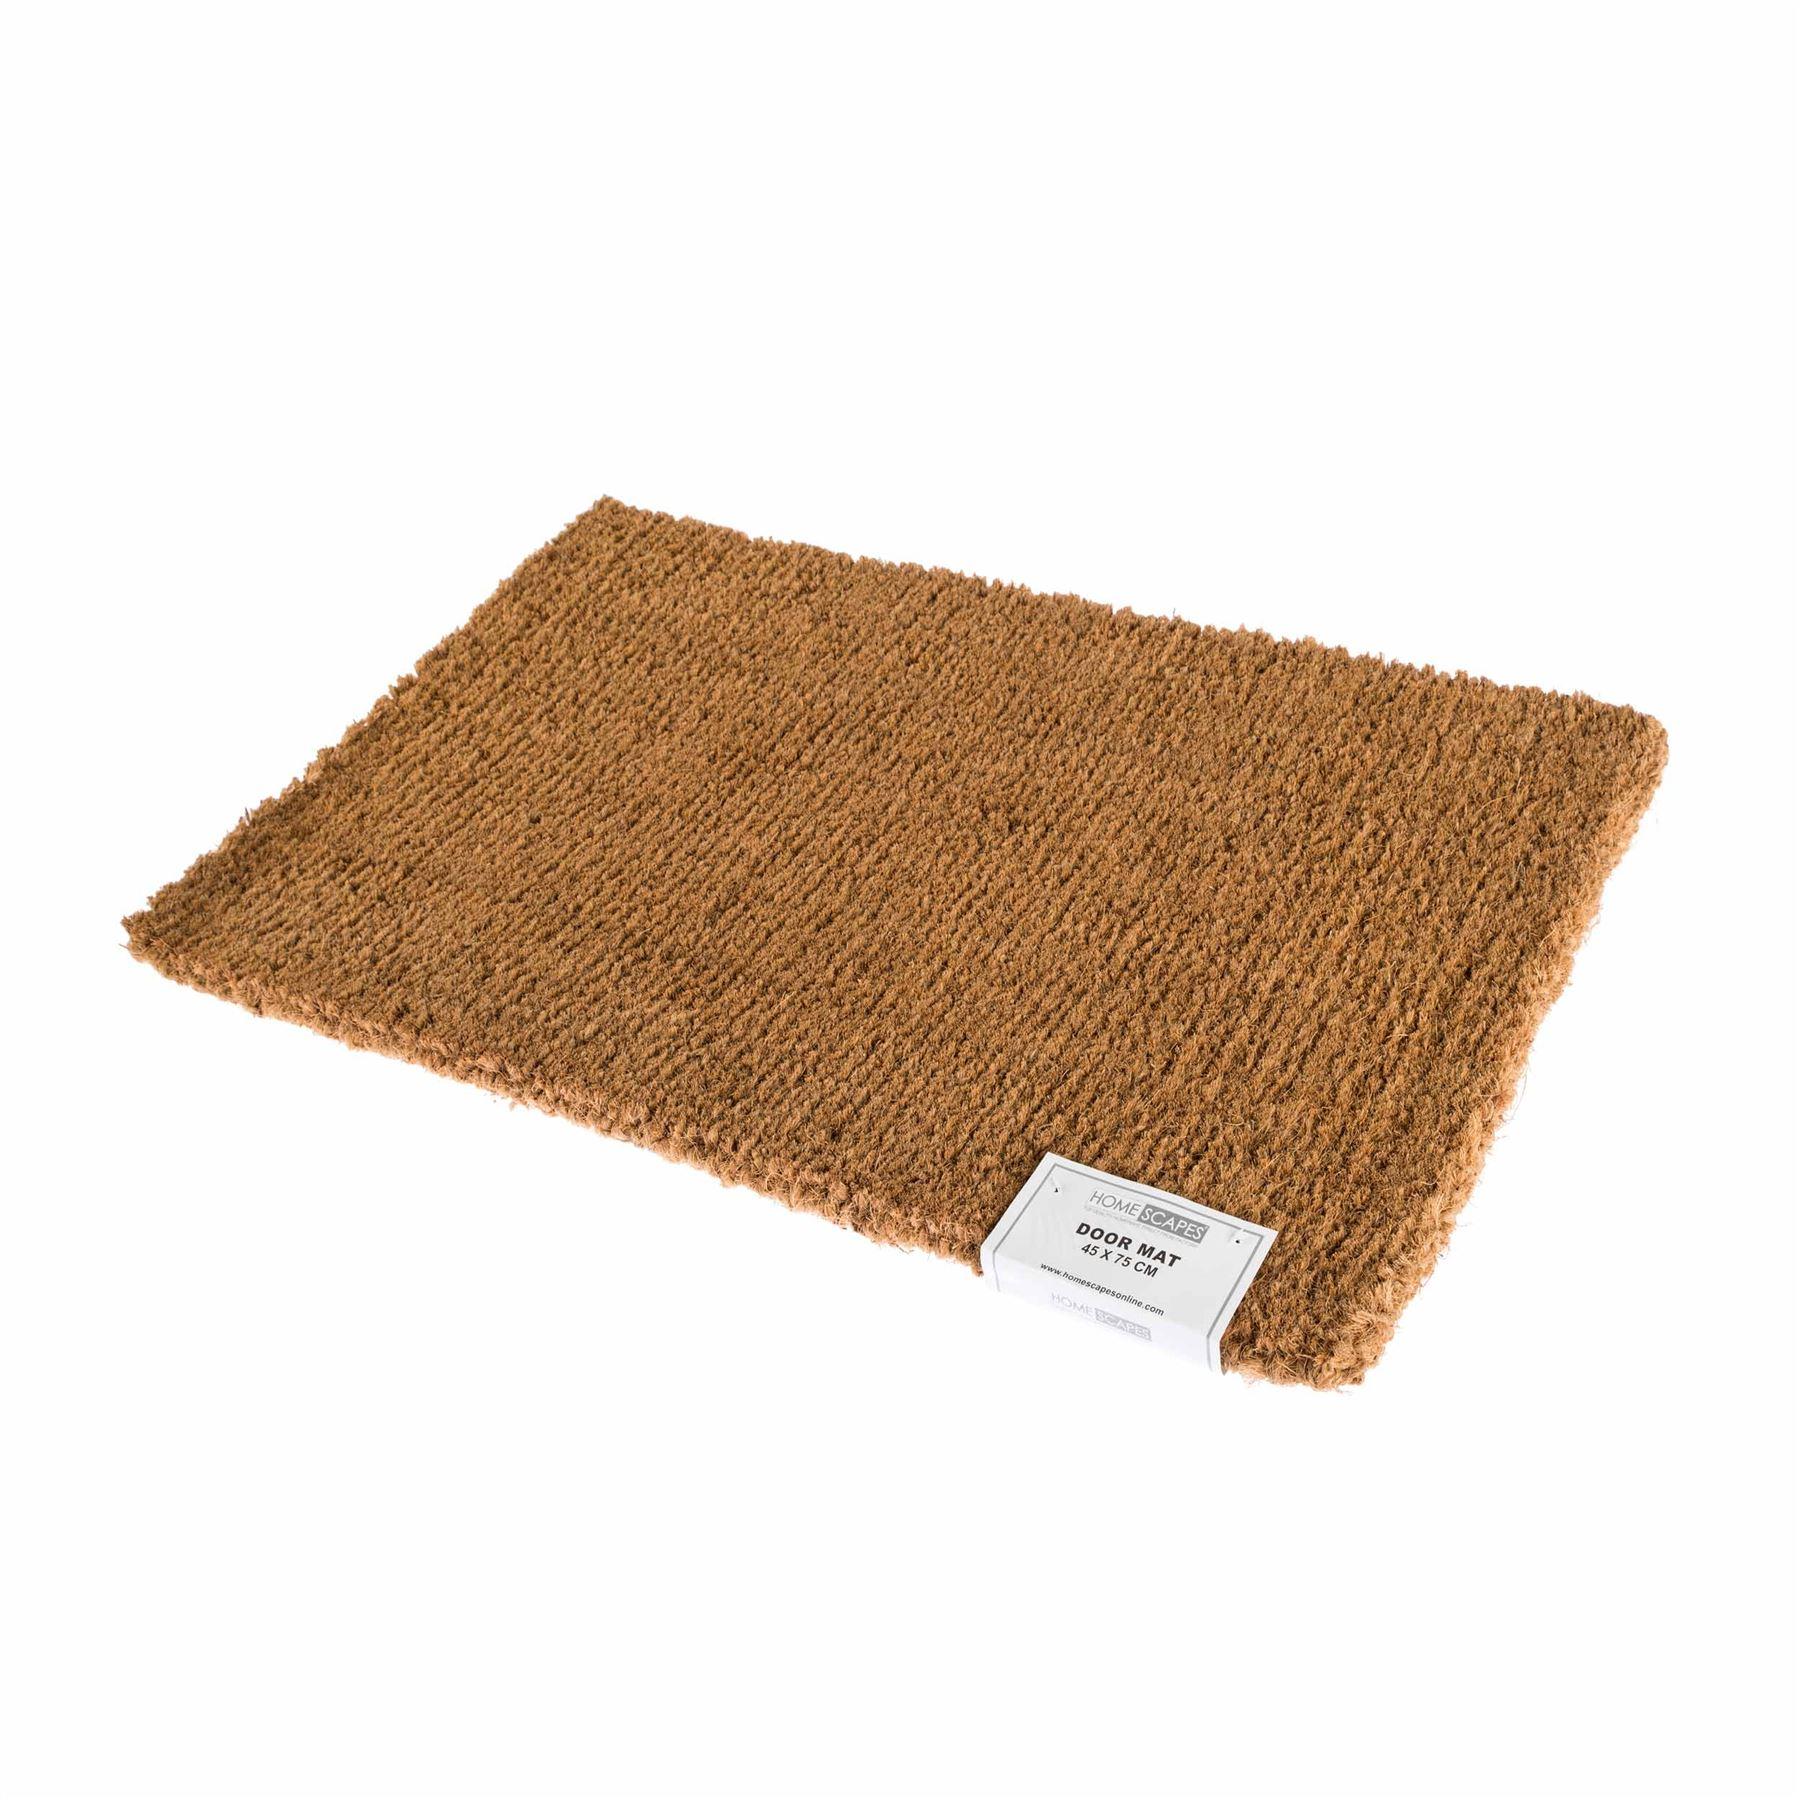 Coir Rubber Door Mat Indoor Outdoor Use Large Wrought Iron